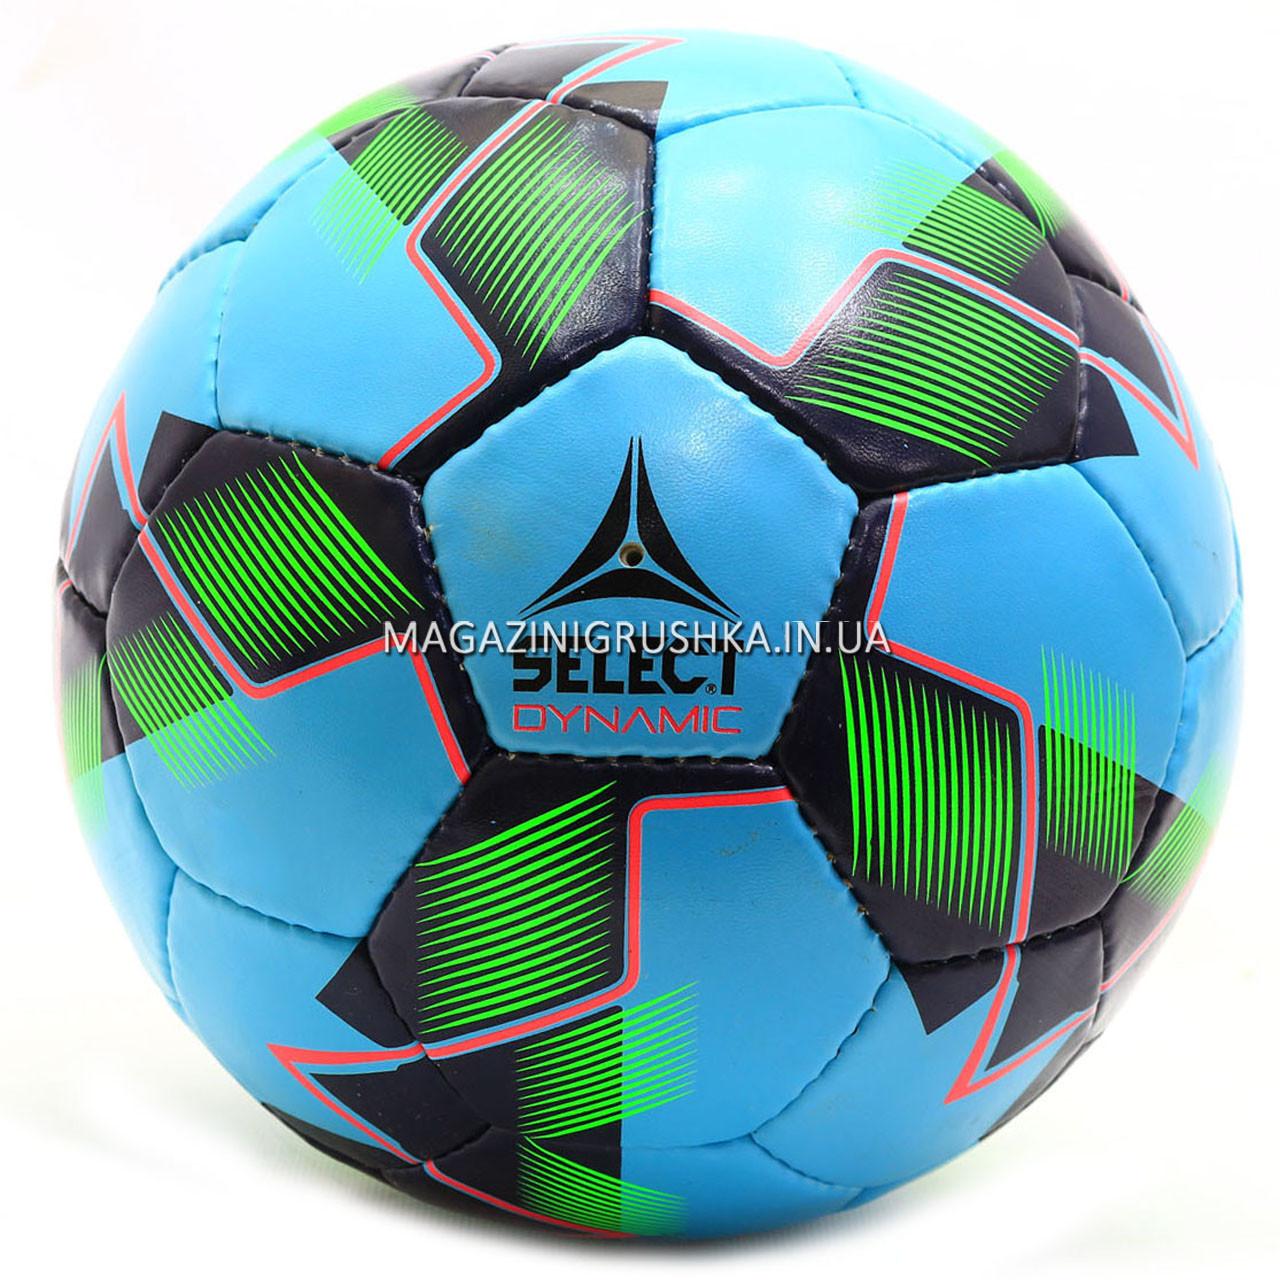 Мяч футбольный SELECT Dynamic голубой